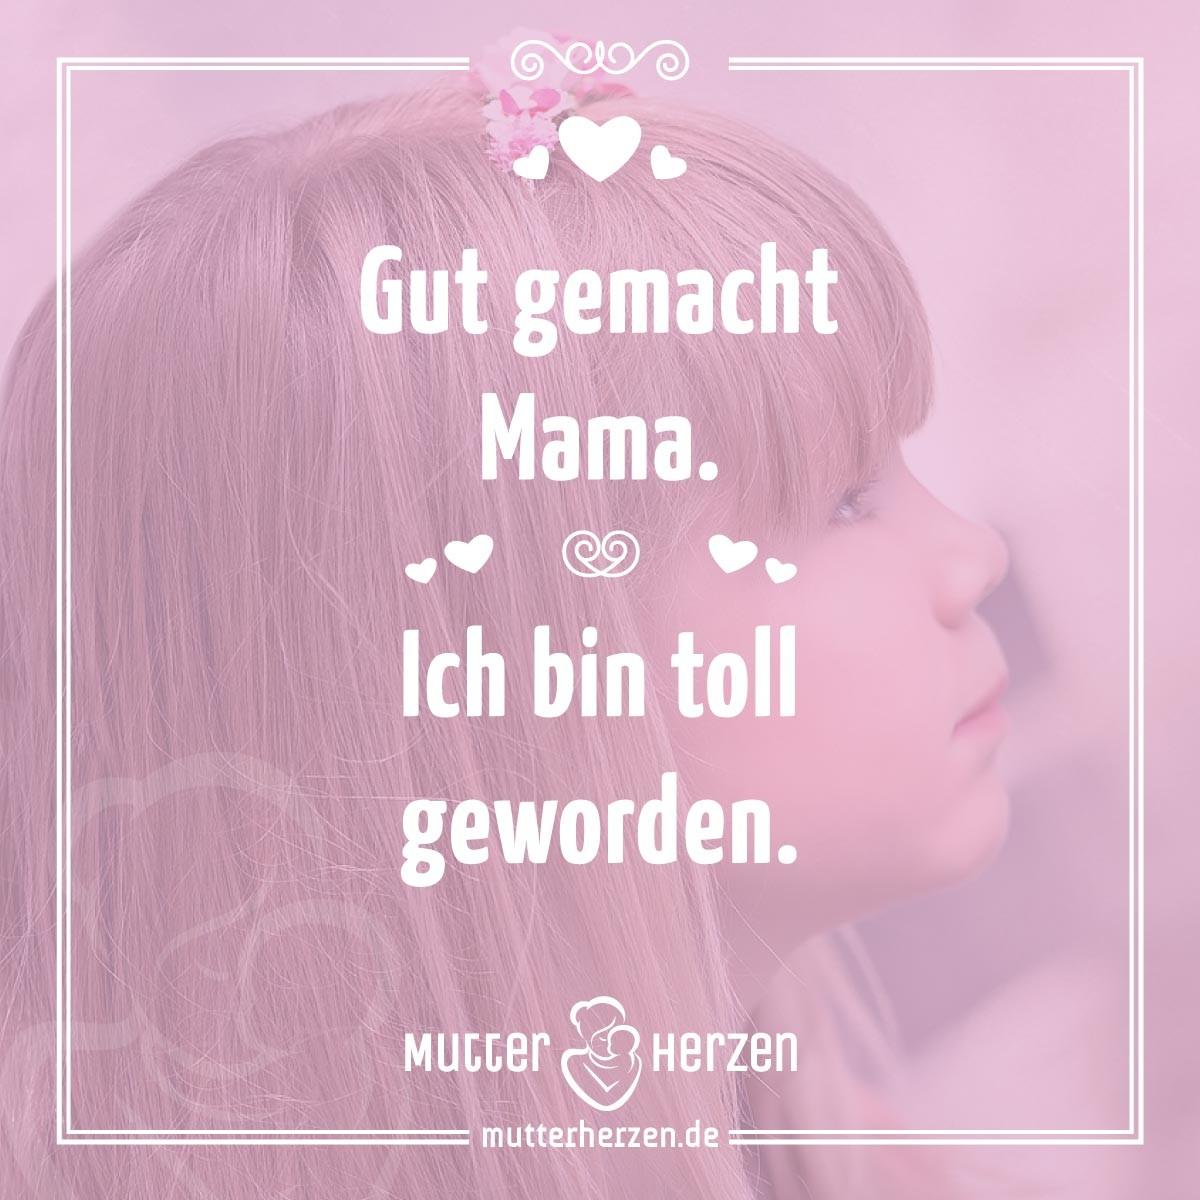 Du Bist Eine Tolle Mama Sprüche Schön 2019 10 26